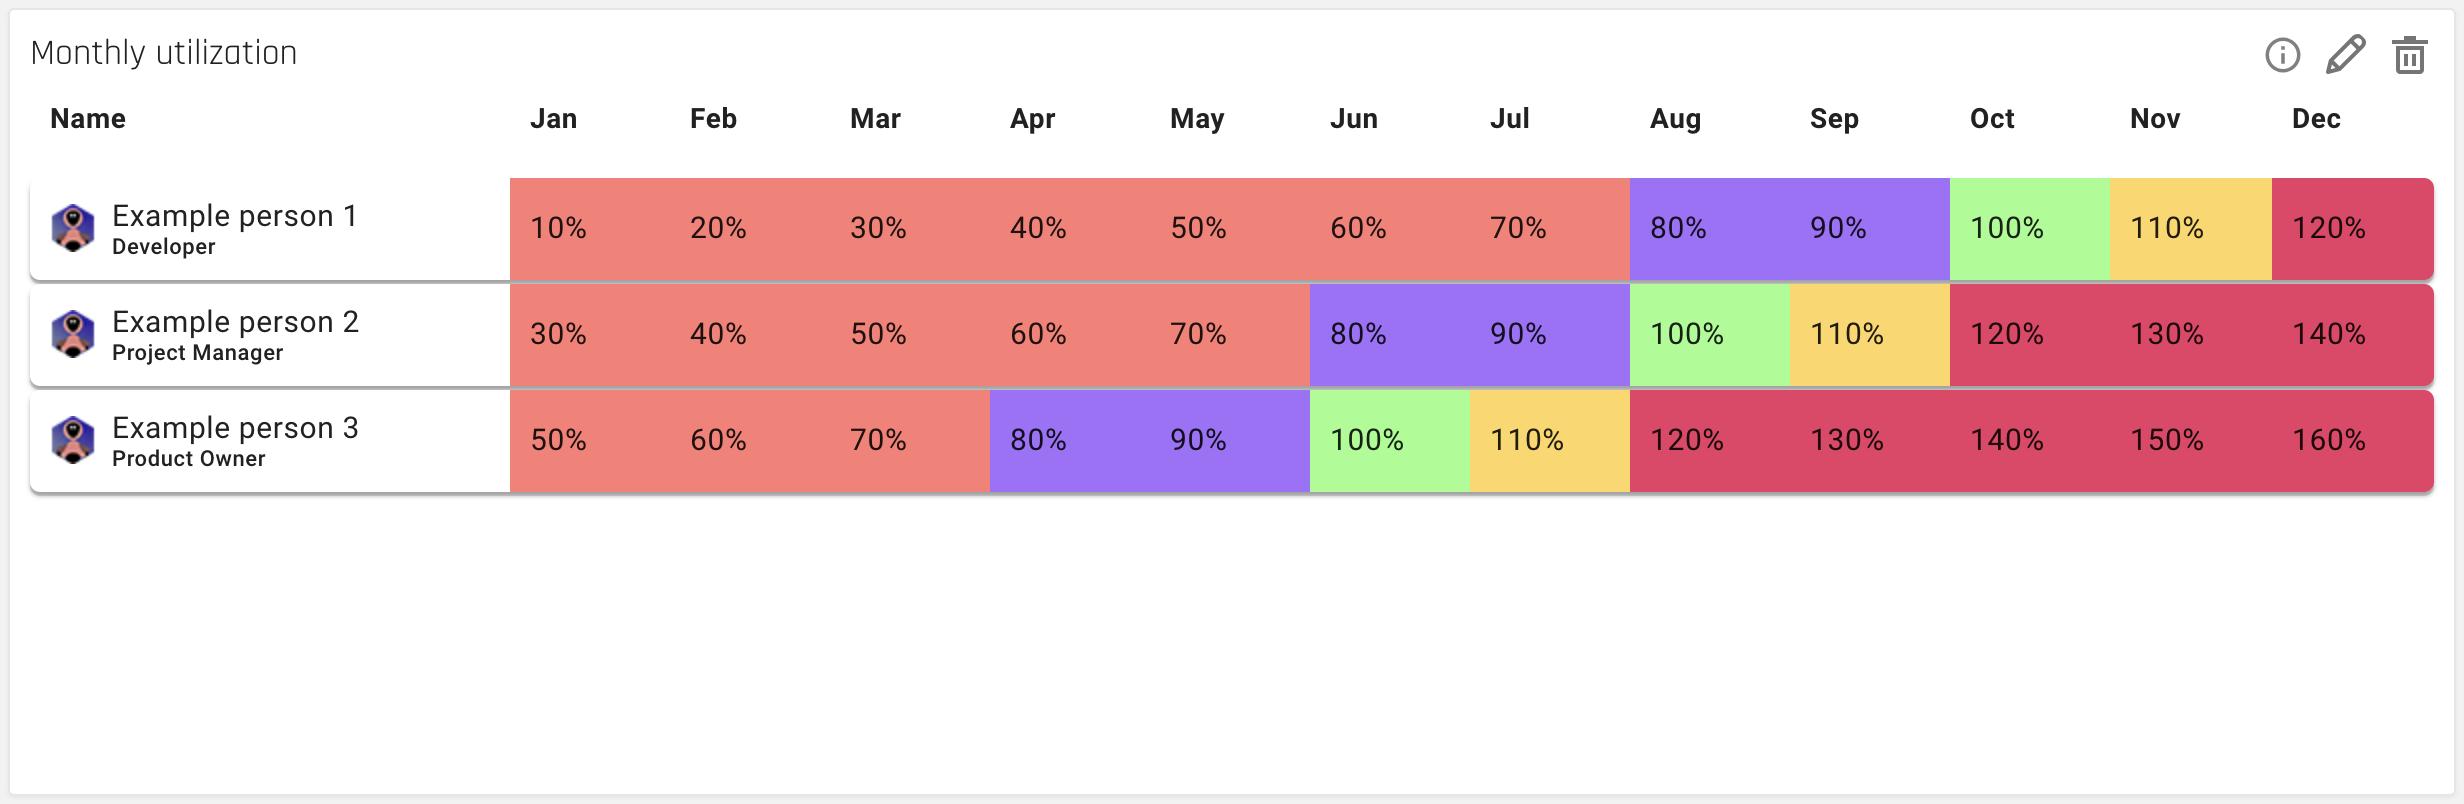 forecast_insights-monthlyutilization-1